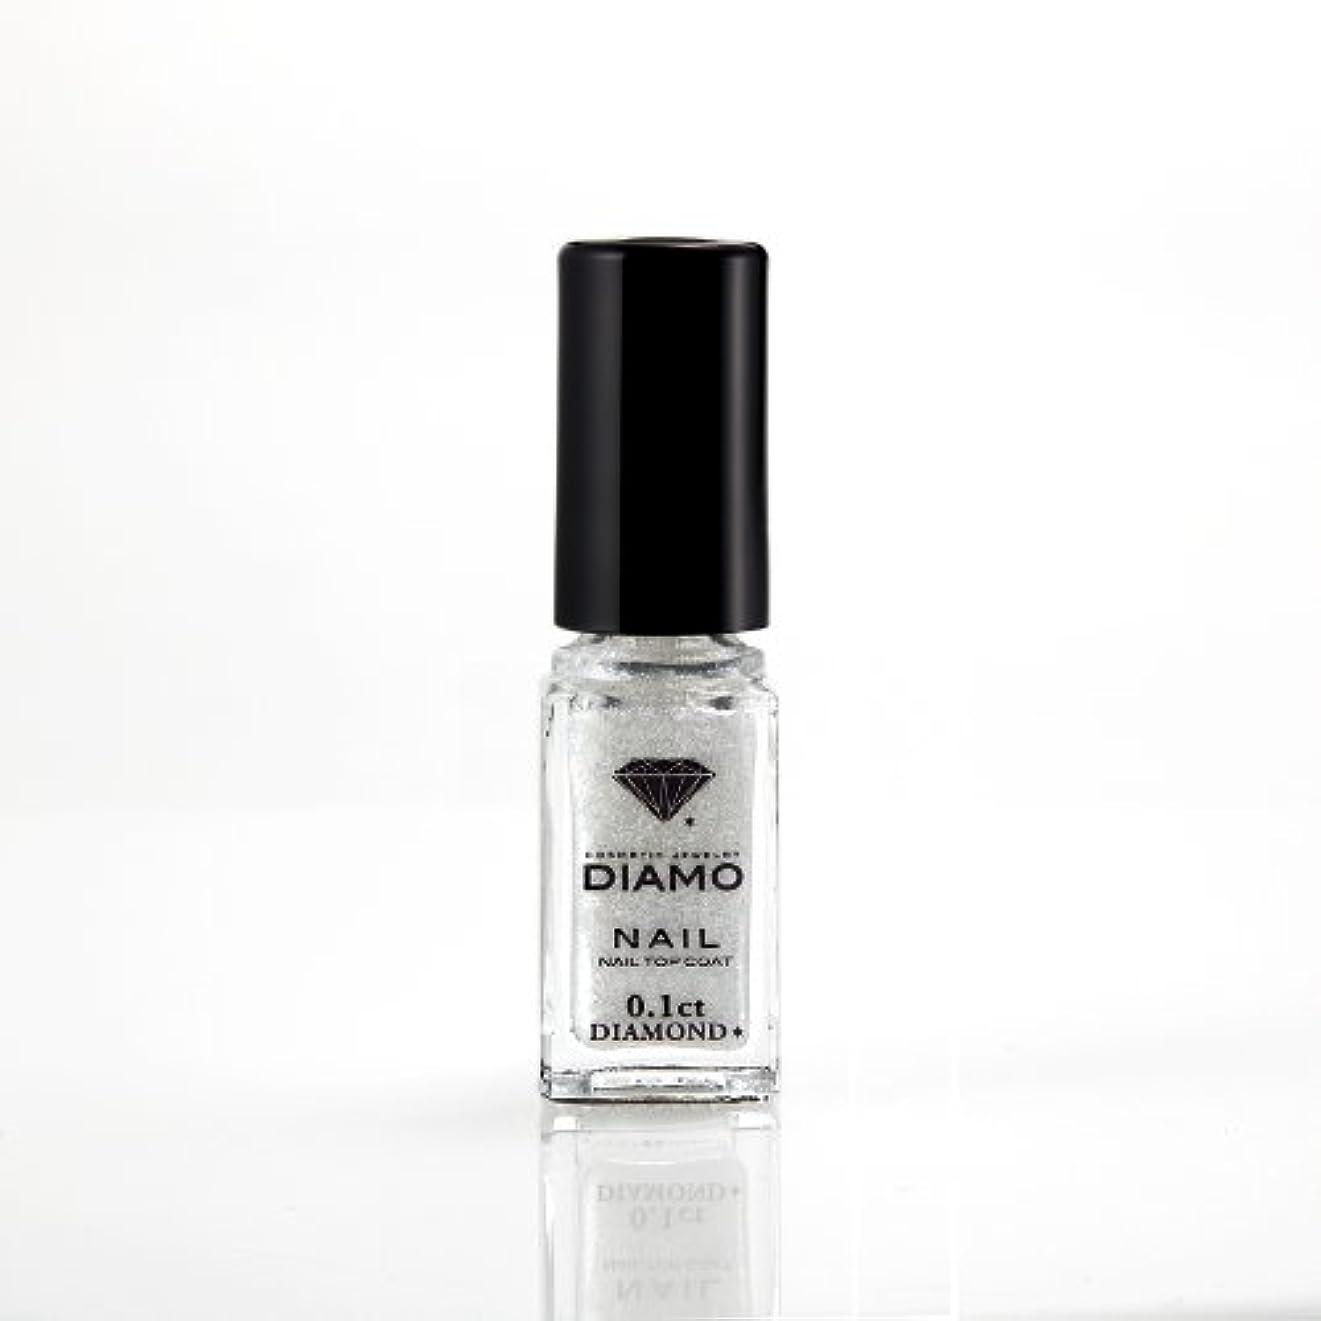 古代みすぼらしい悪性腫瘍DIAMO NAIL TOP COAT ディアモ ネイル トップコート0.1ct 天然ダイヤモンド粉末入り5ml